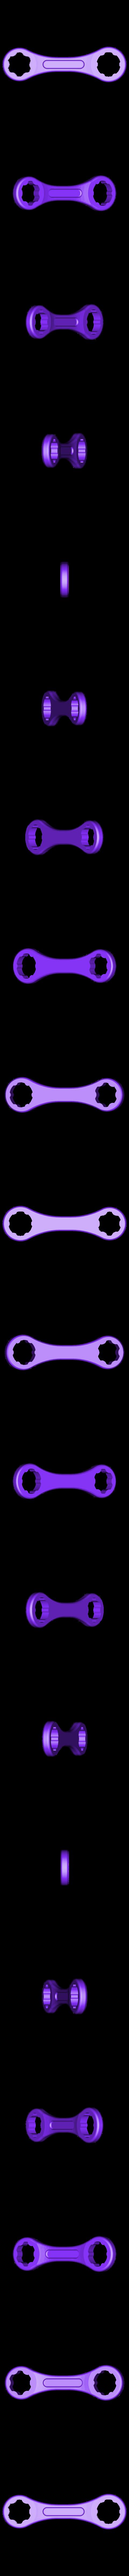 Pool_pump_walve_wrench_191mm.stl Télécharger fichier STL gratuit Clé pour Krystal Clear Deluxe Deluxe Saltwater System Modèle 8221 • Design pour imprimante 3D, glassy